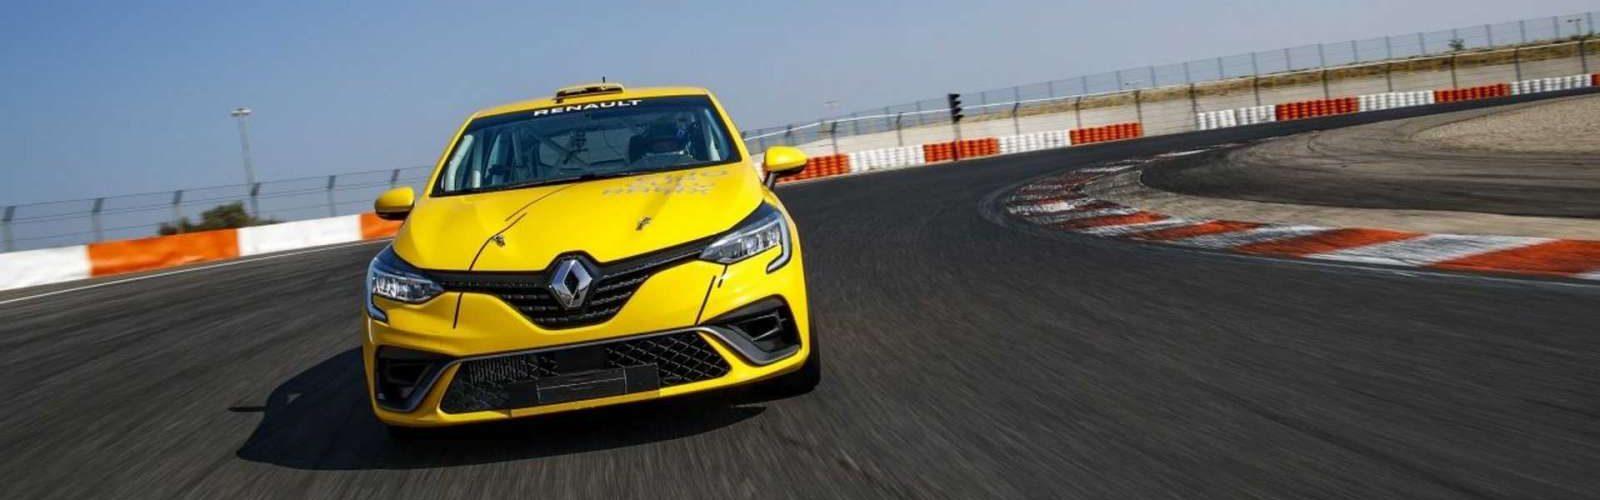 Calendrier Magny Cours 2020.Renault Clio Cup 2020 Pour Patienter Avant La Clio Rs